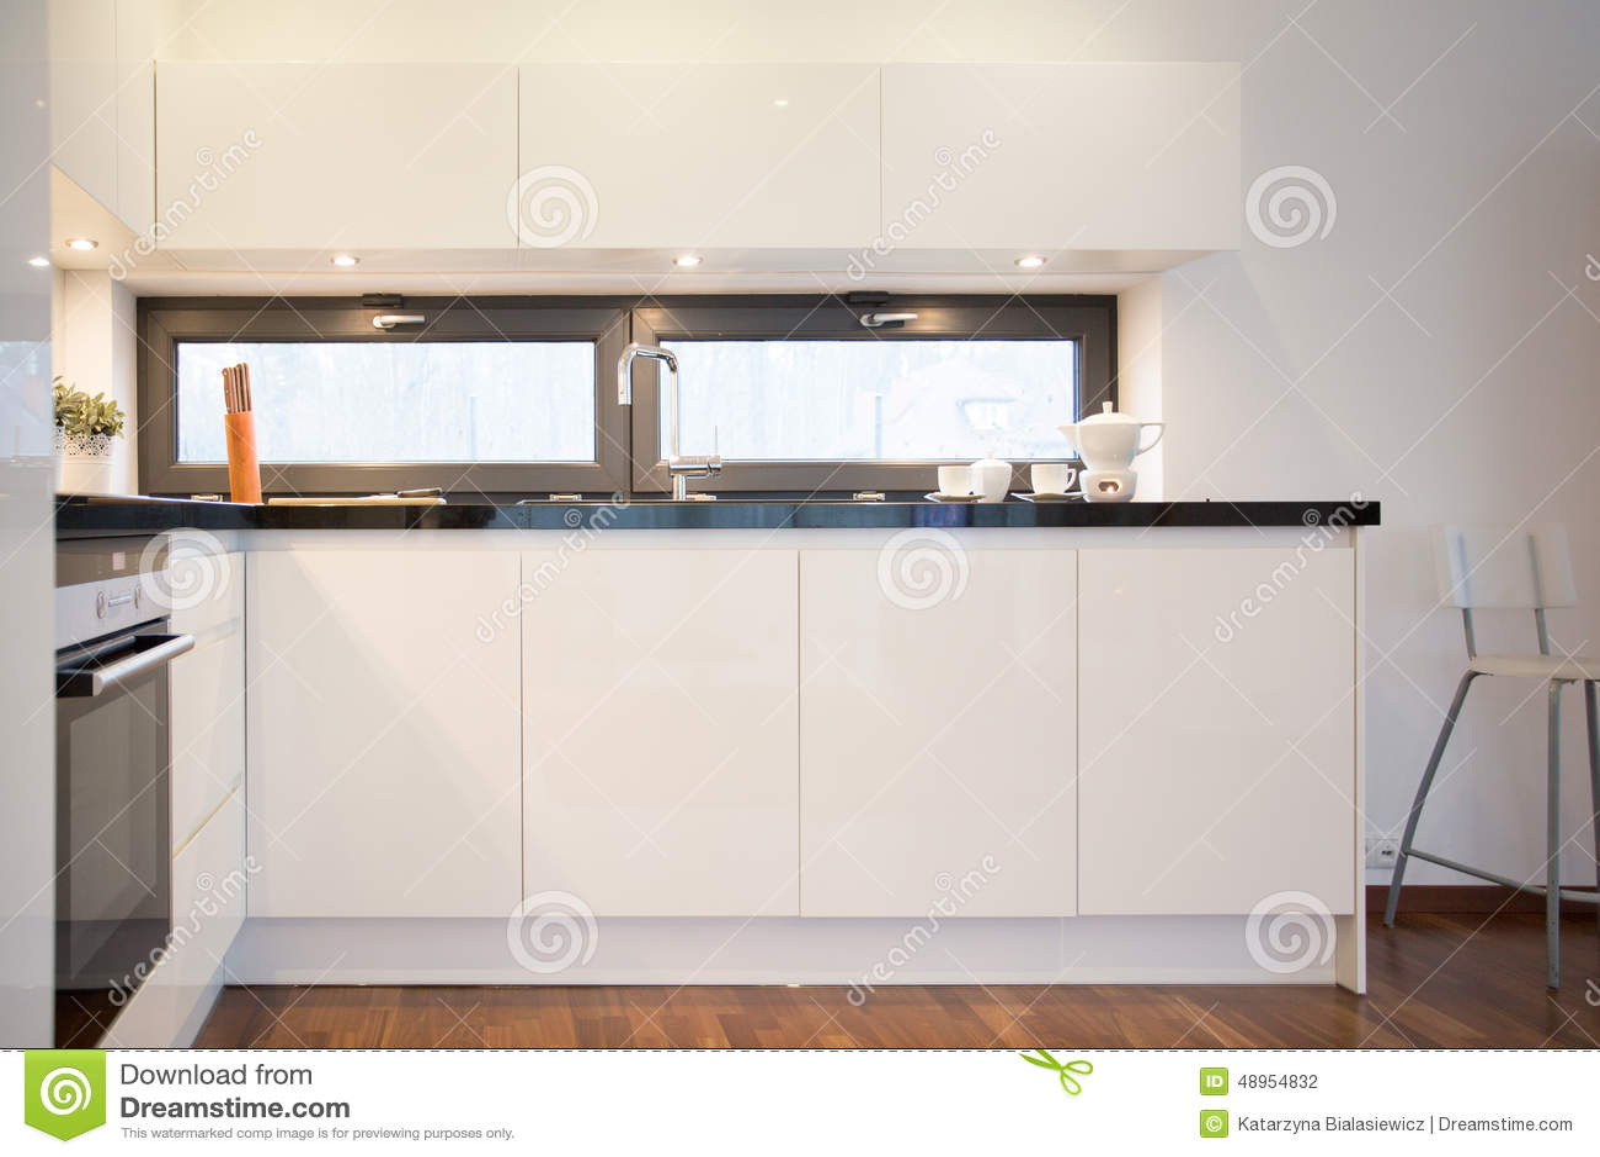 Weisse Kuchenschranke Stockfoto Bild Von Prestige Schr 48954832